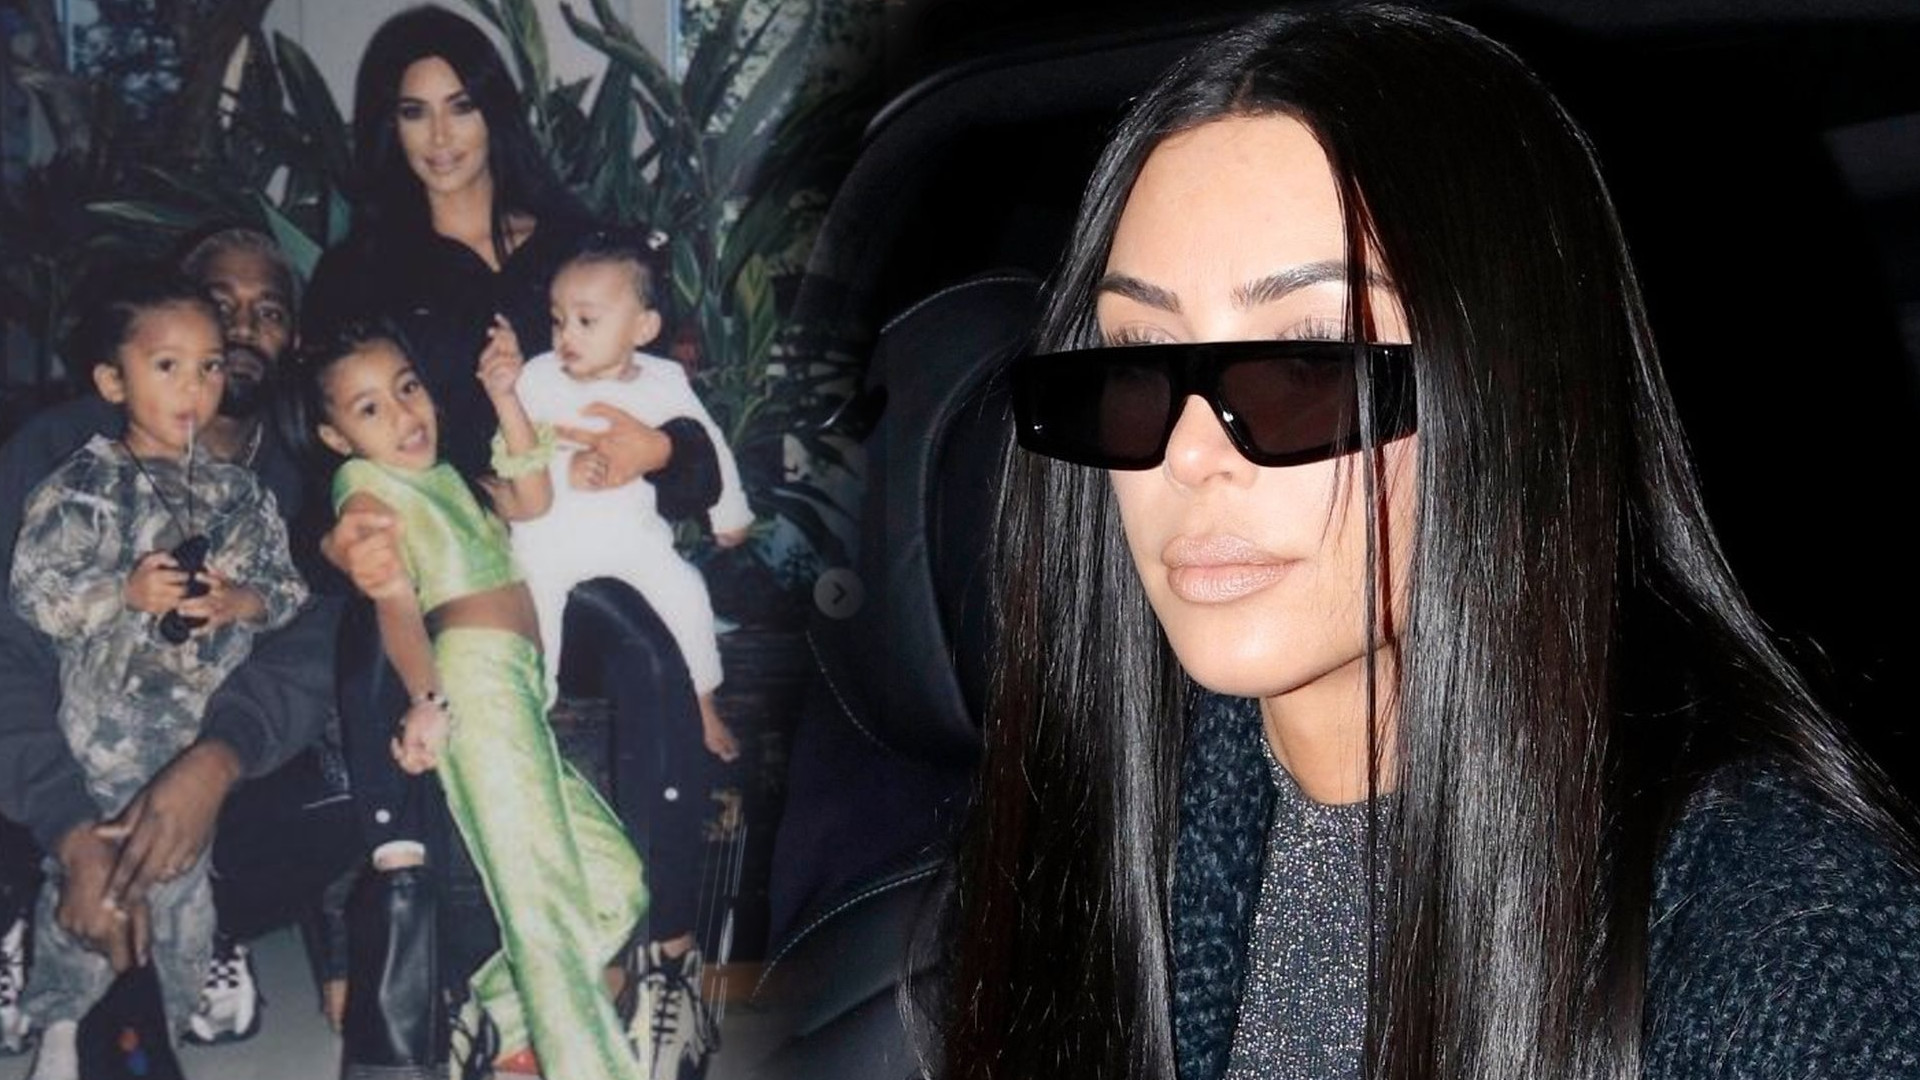 Kim Kardashian w panice zadzwoniła pod numer ratunkowy – jej 3-letni syn Saint miał silną reakcję alergiczną